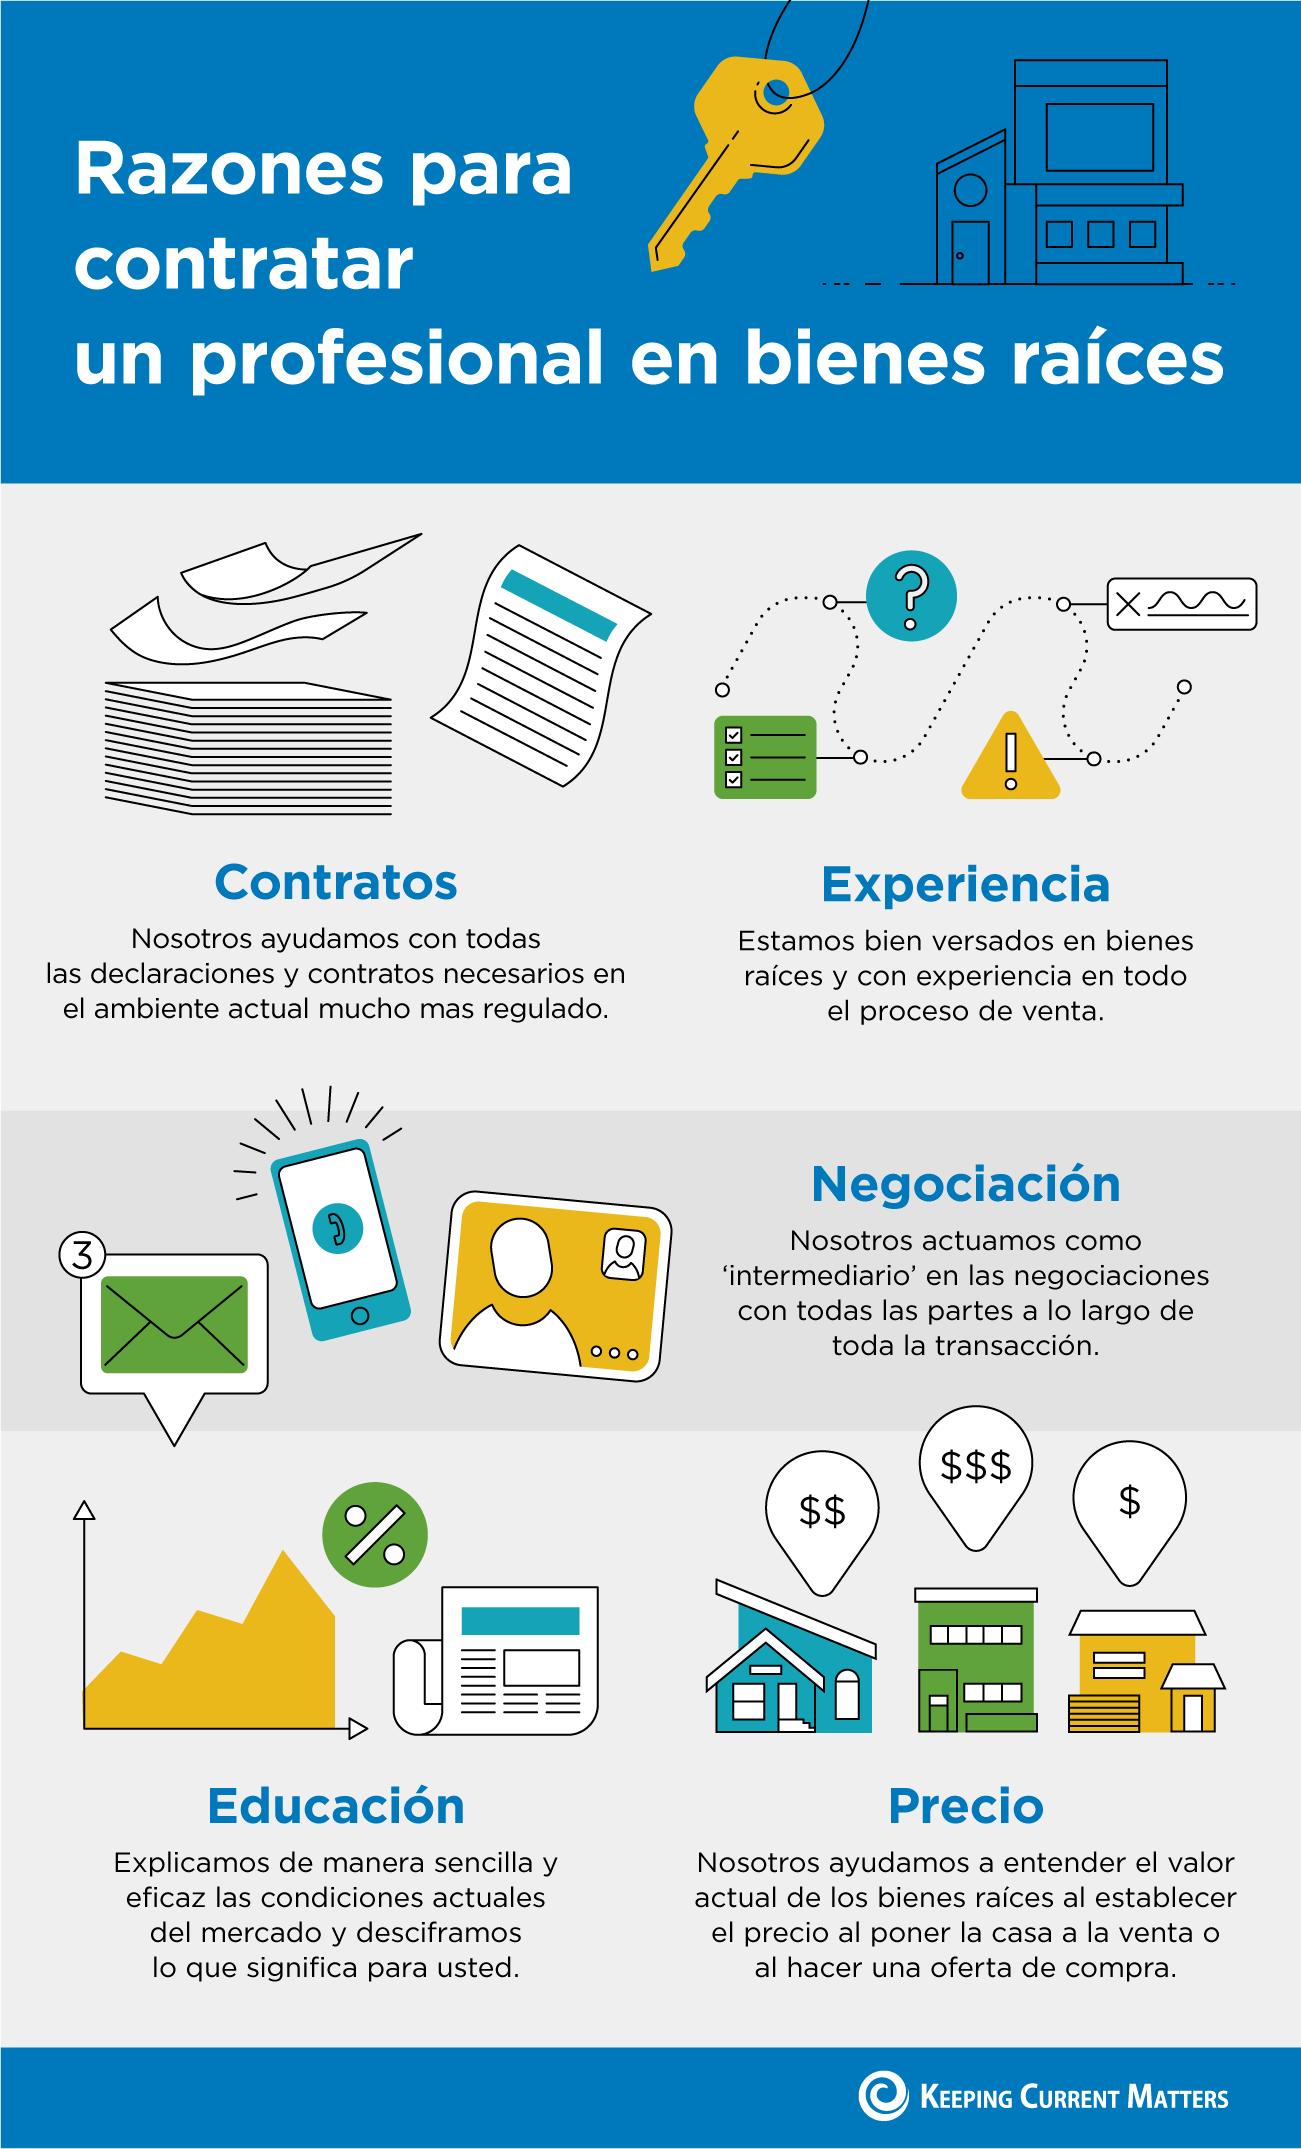 Razones para contratar un profesional en bienes raíces [infografía]   Keeping Current Matters